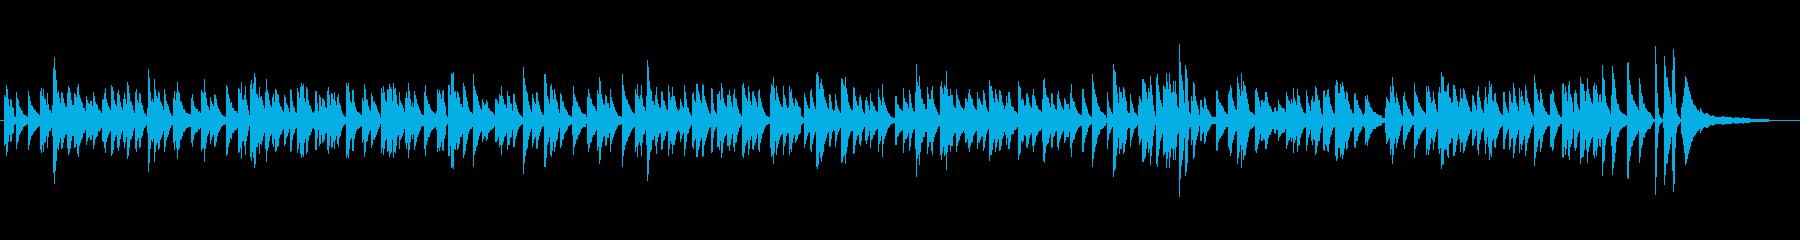 ピアノオンリーの落ち着いたジャズの再生済みの波形